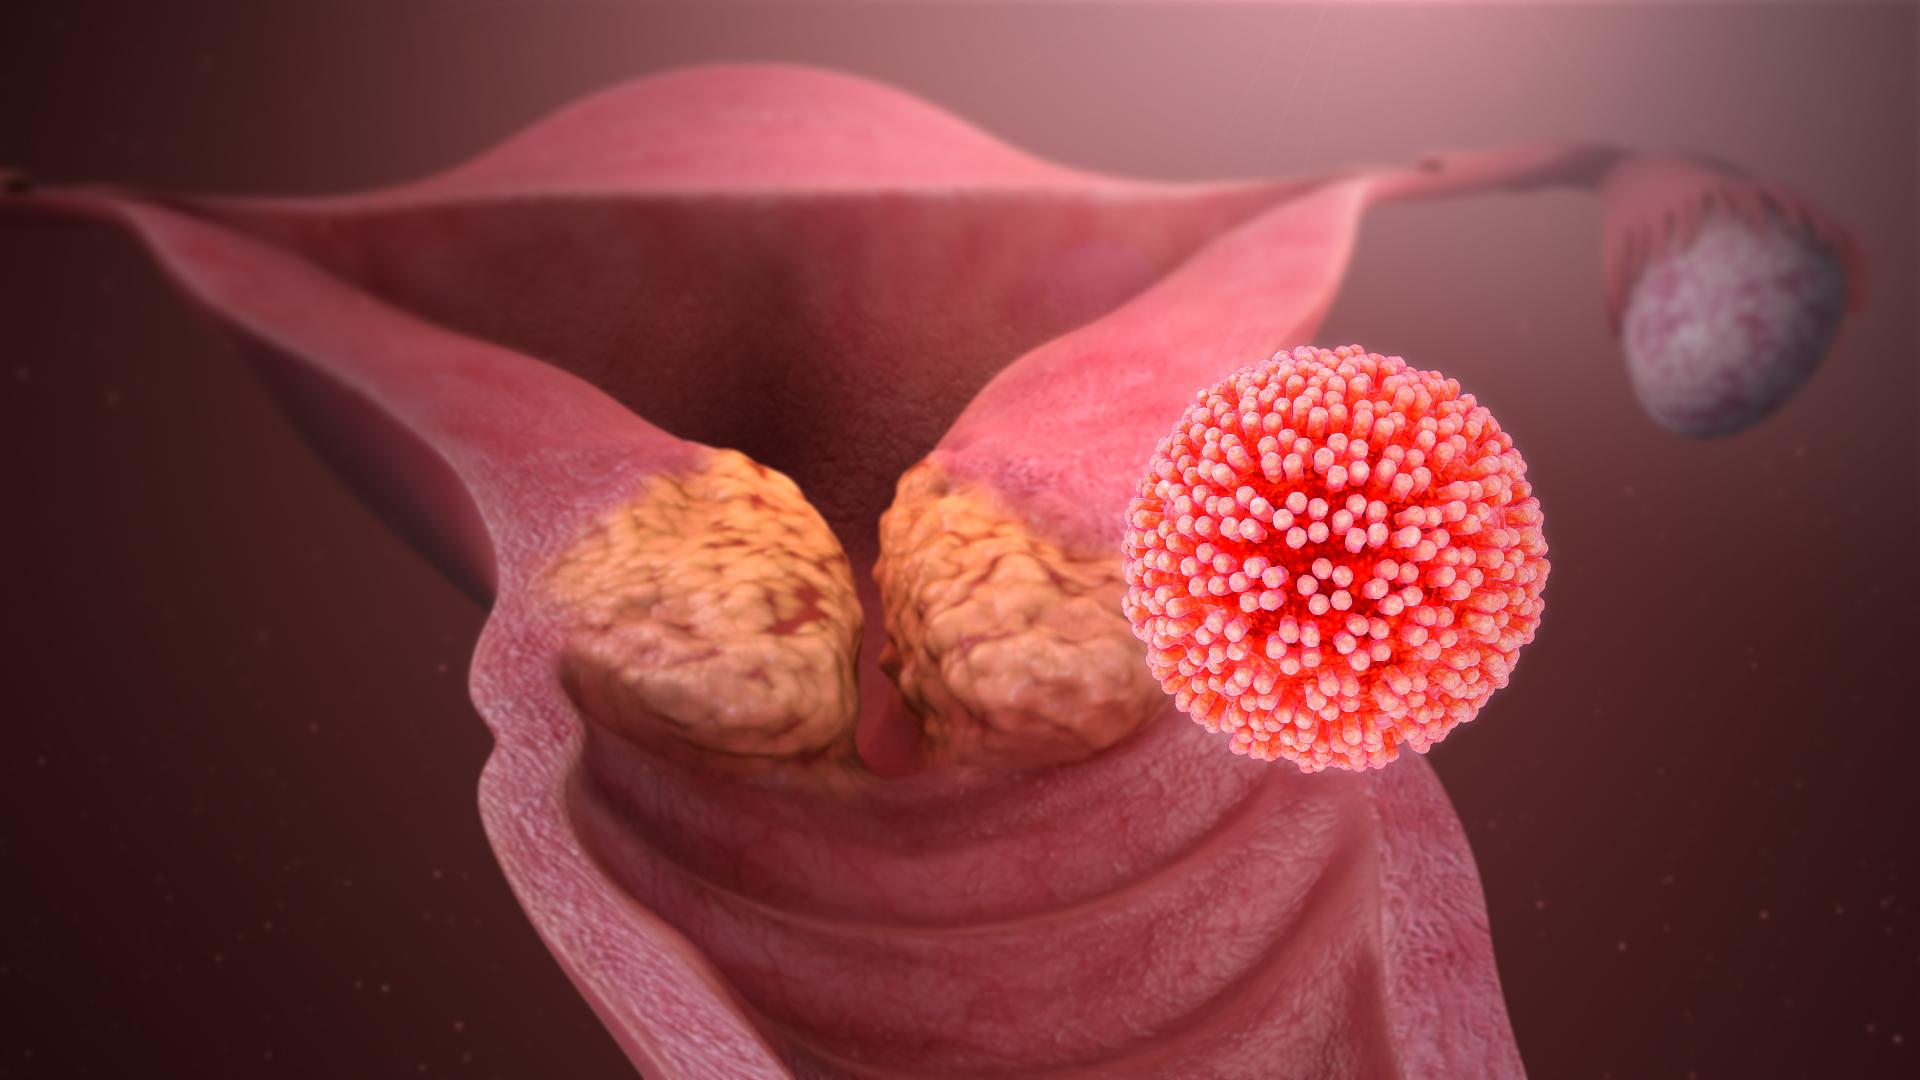 Hpv come si contrae - topvacanta.ro - Hpv virus come si contrae